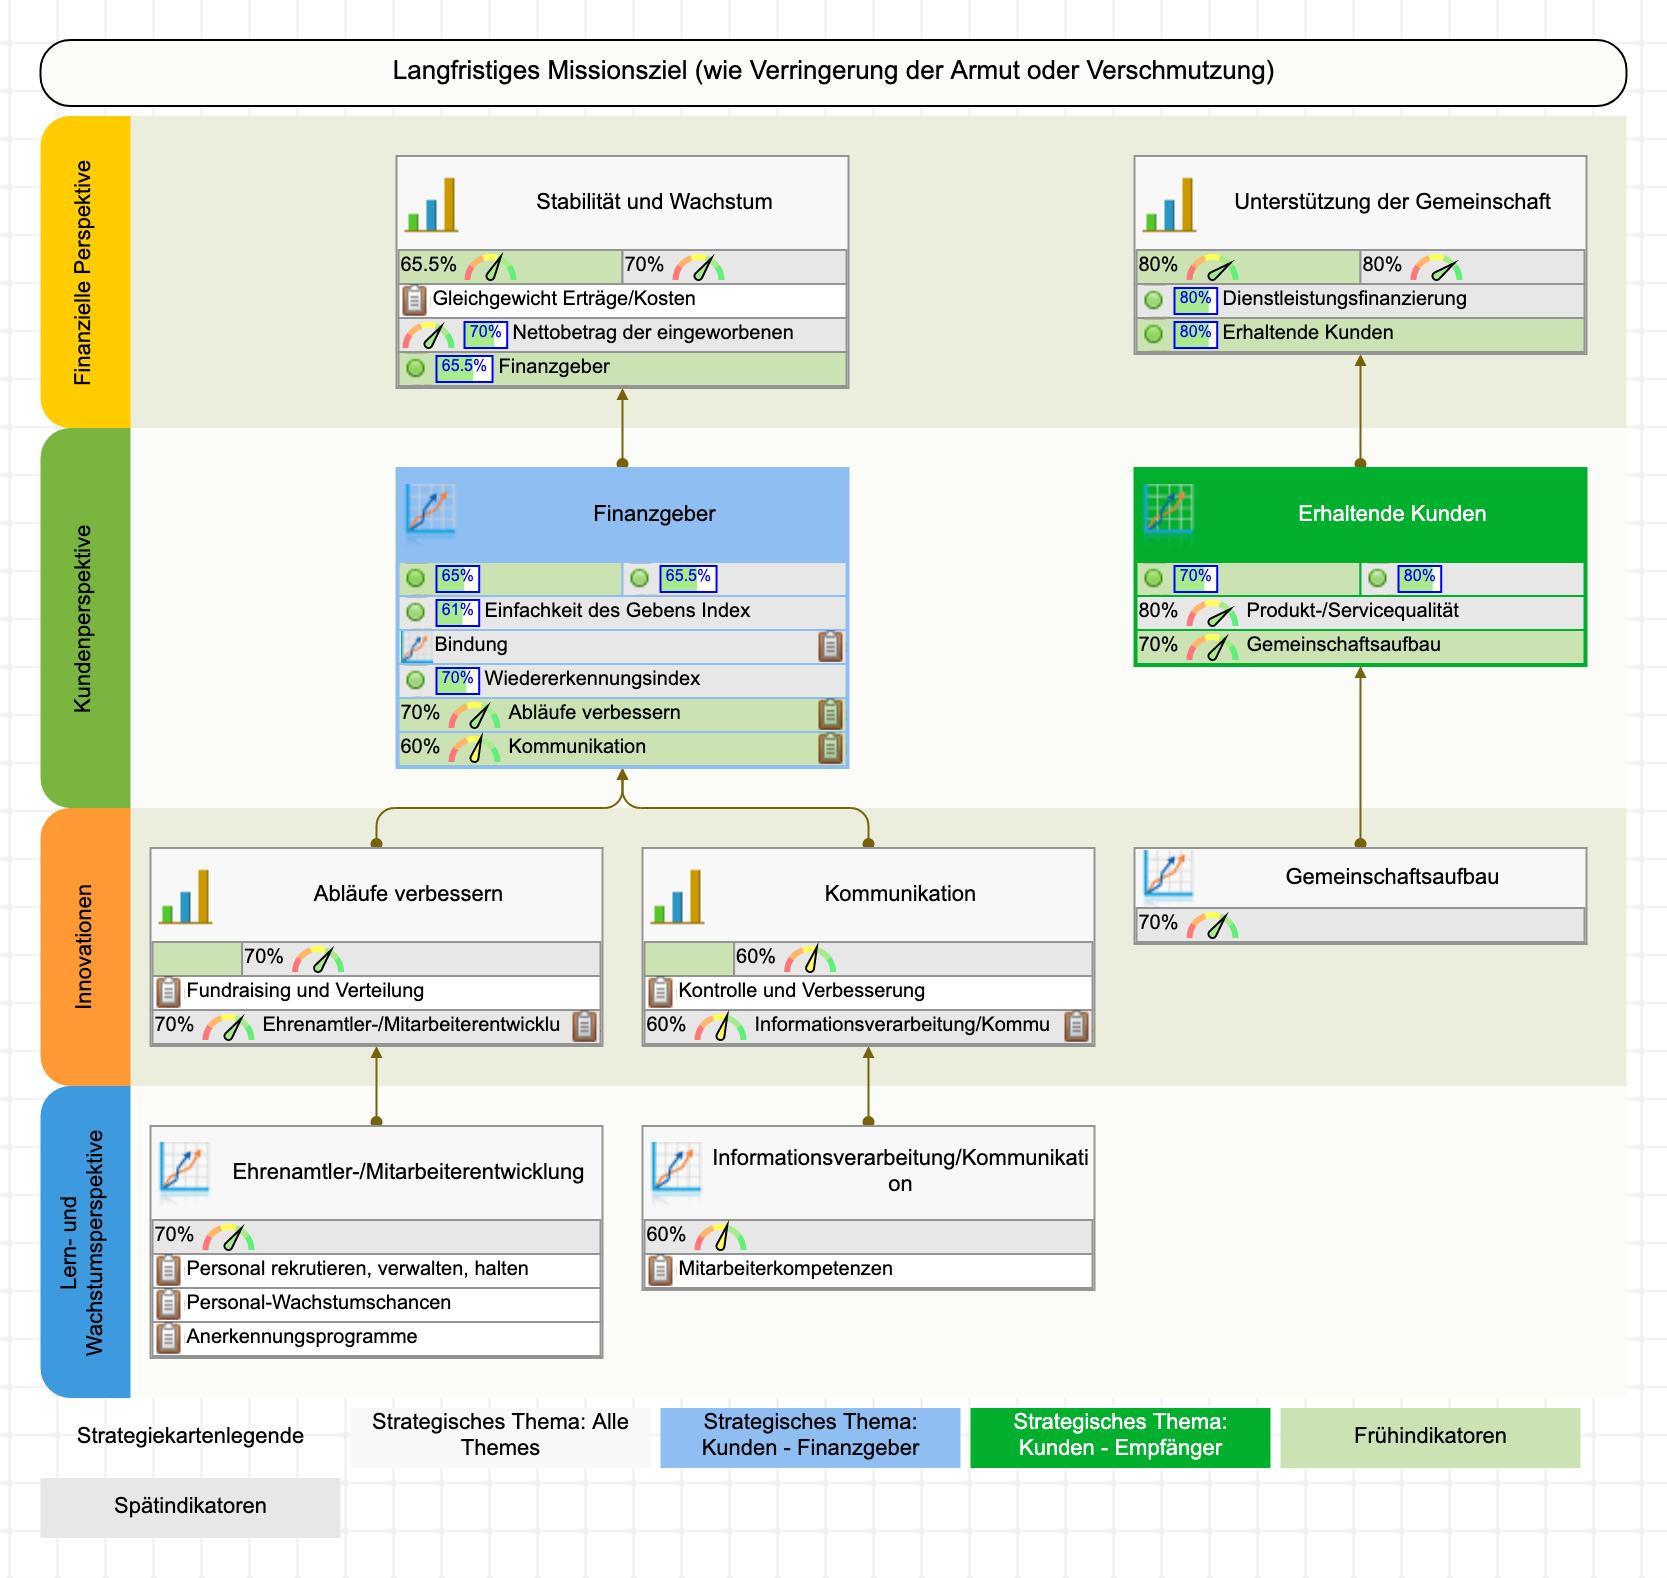 Beispiel einer Strategiekarte für eine gemeinnützige Organisation